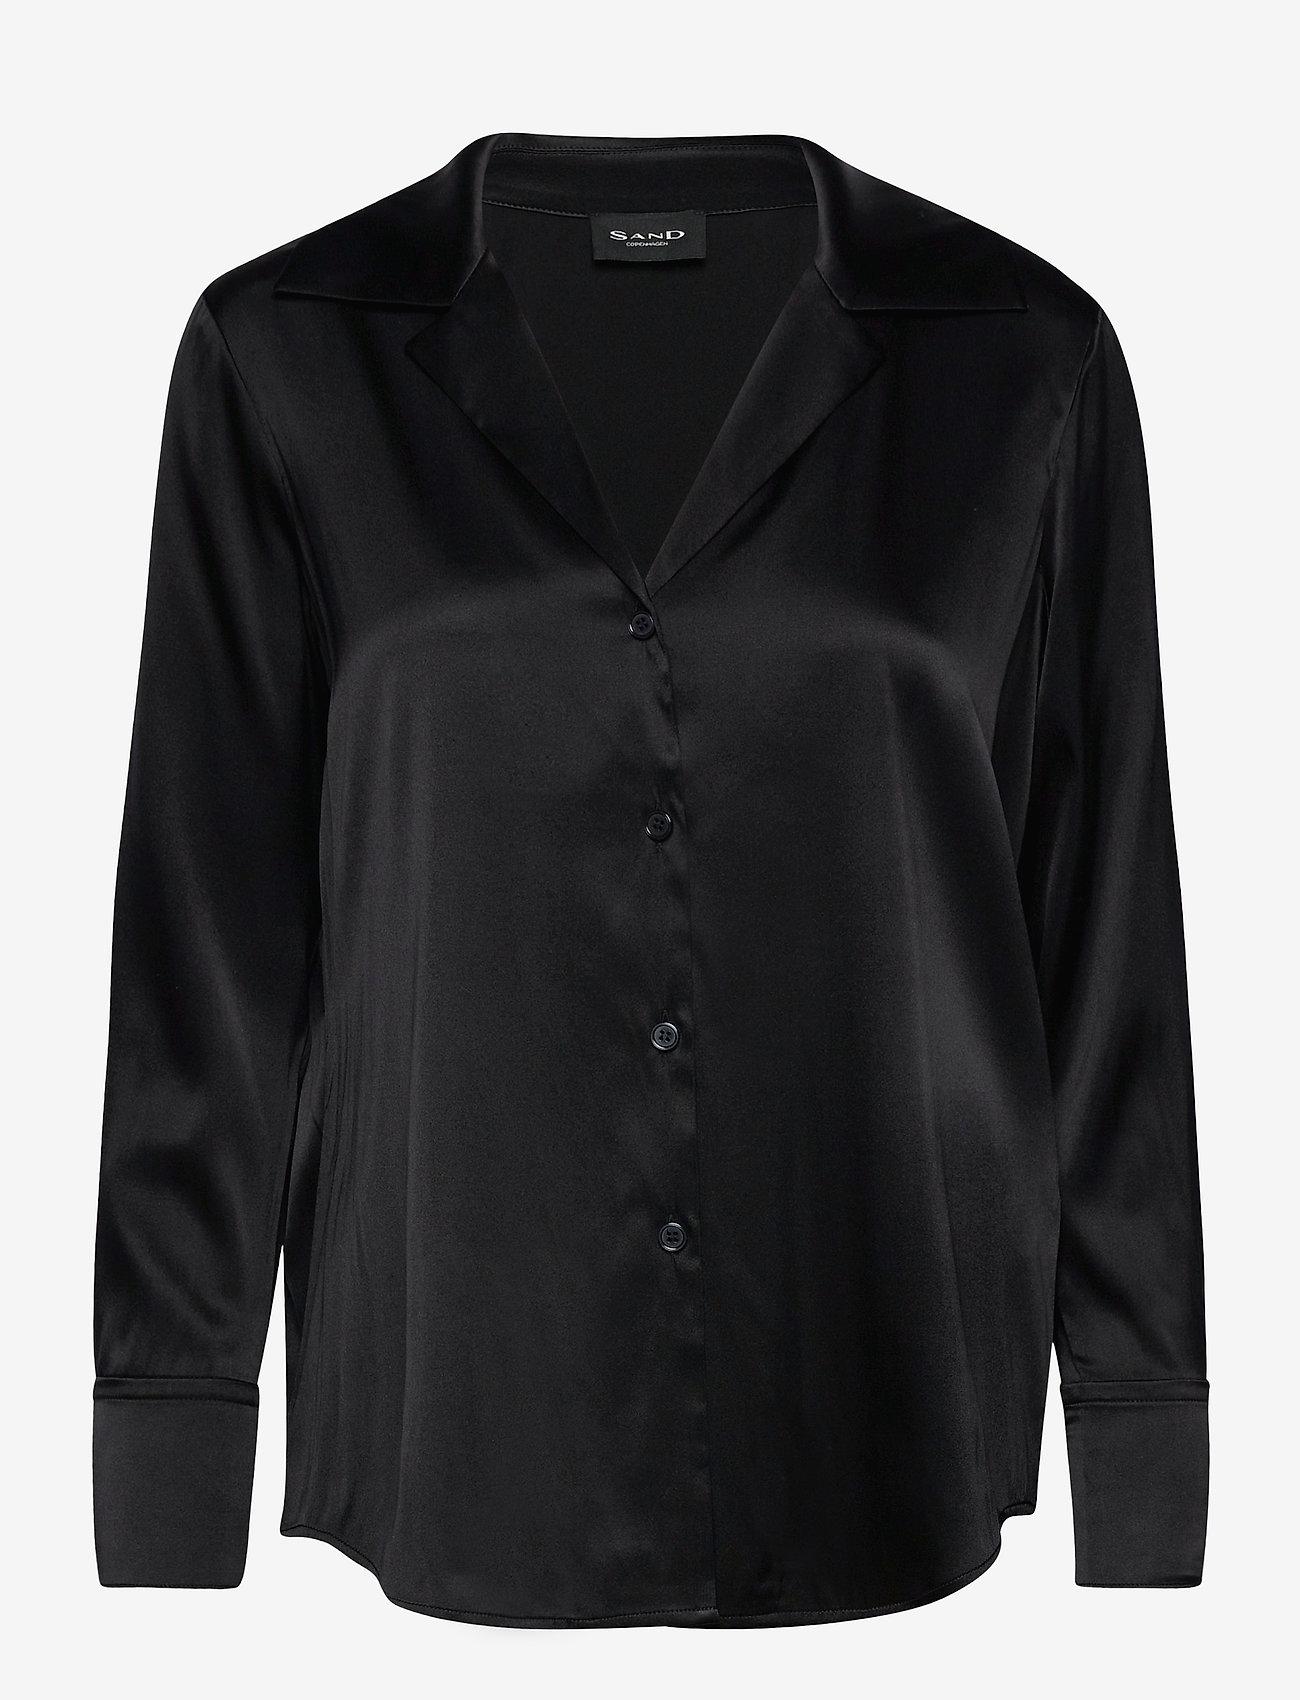 SAND - 3176 - Adal - blouses à manches longues - black - 0